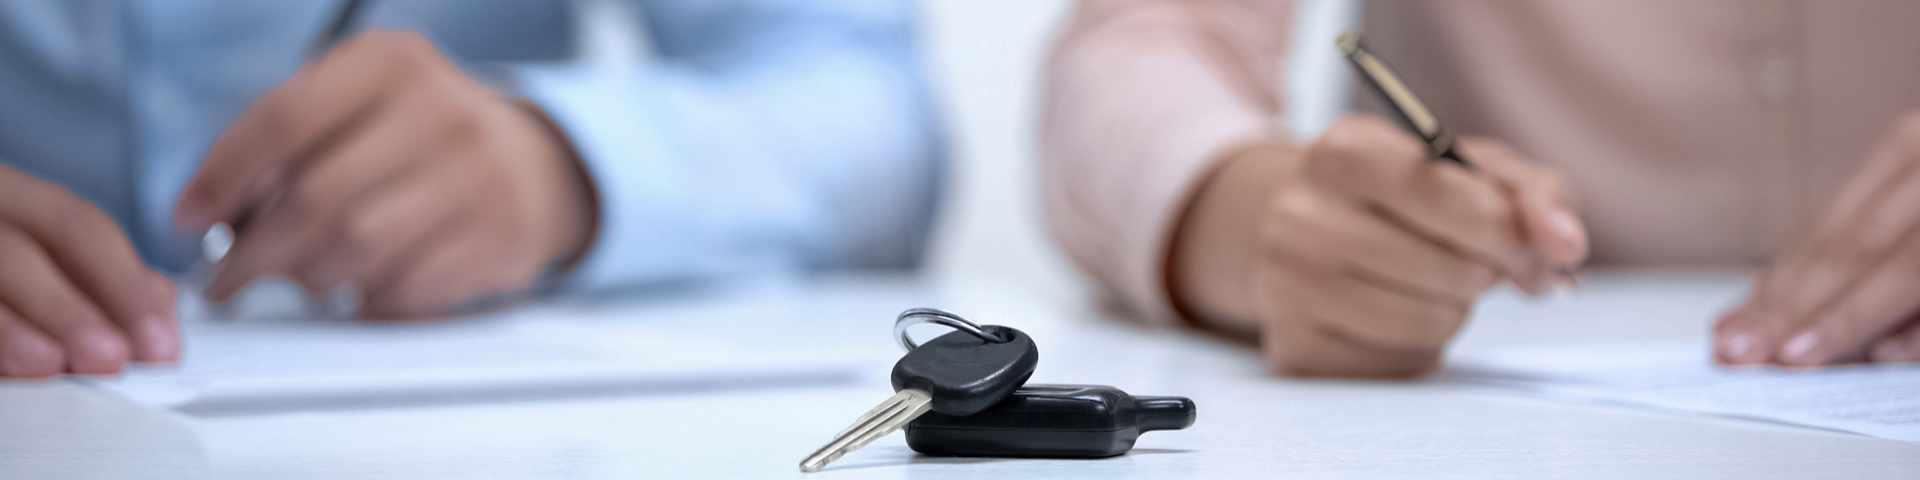 scheiden en autoverzekering